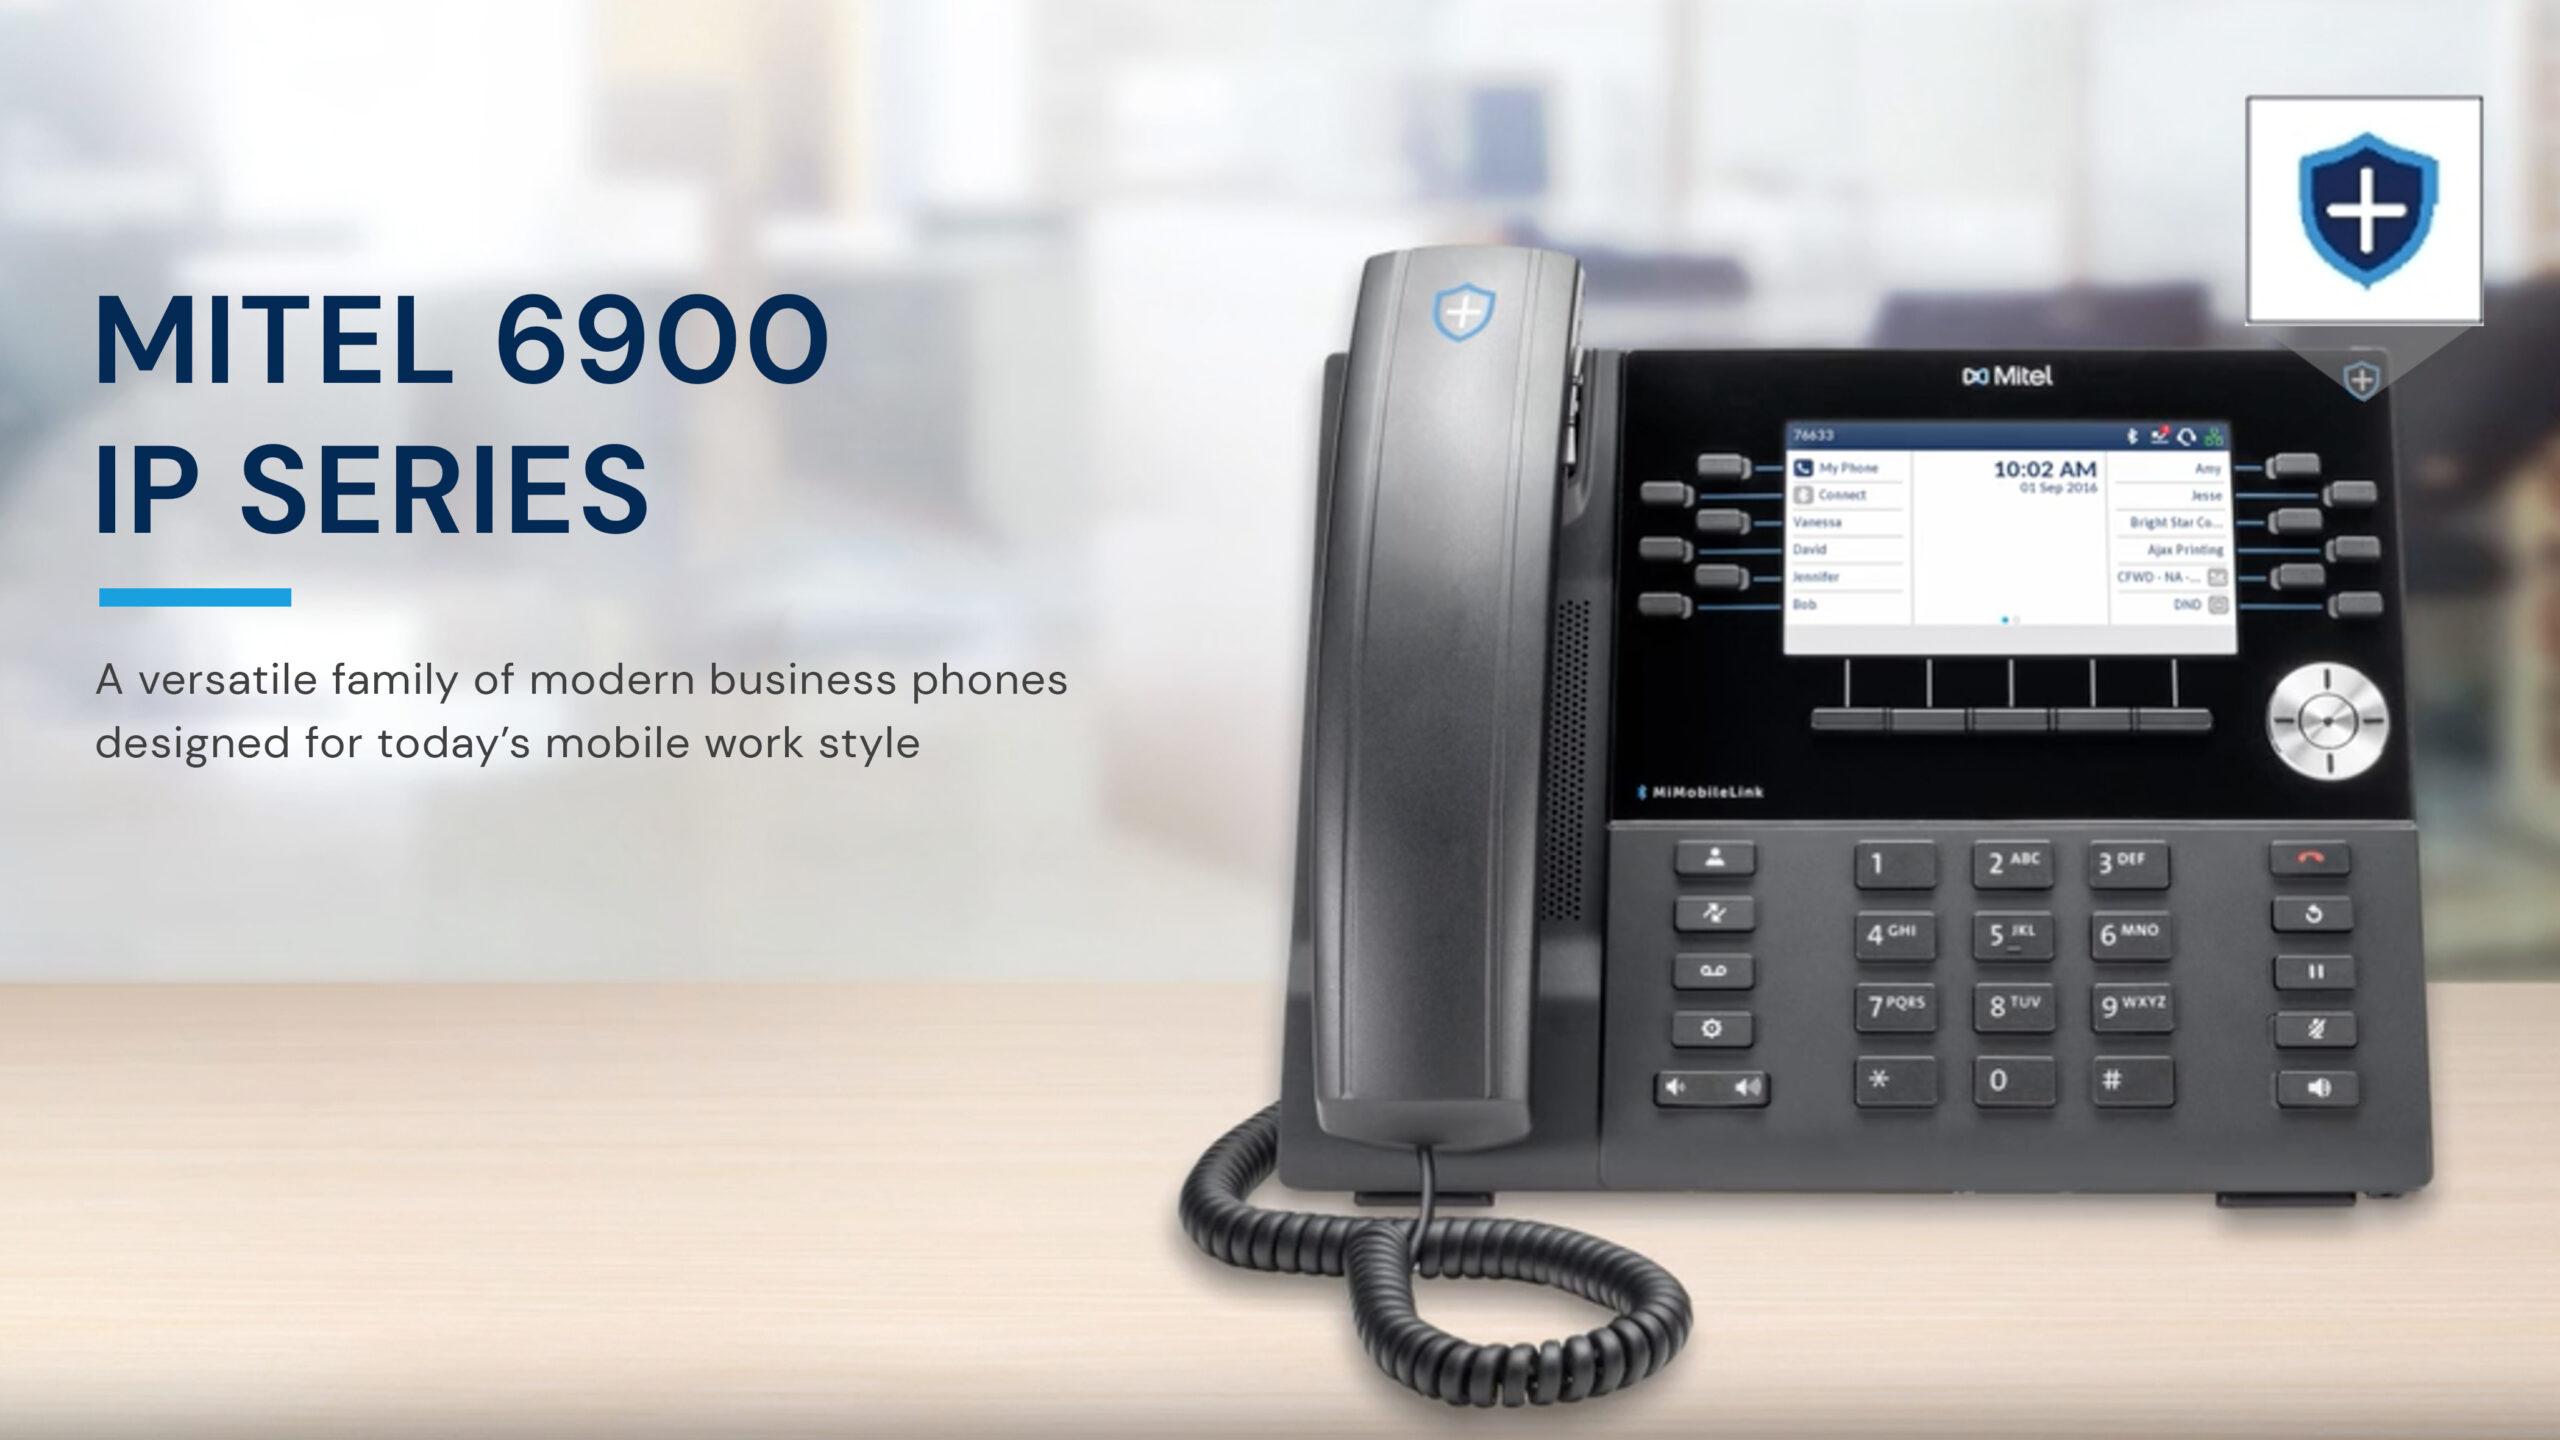 Mitel 6900 IP Series